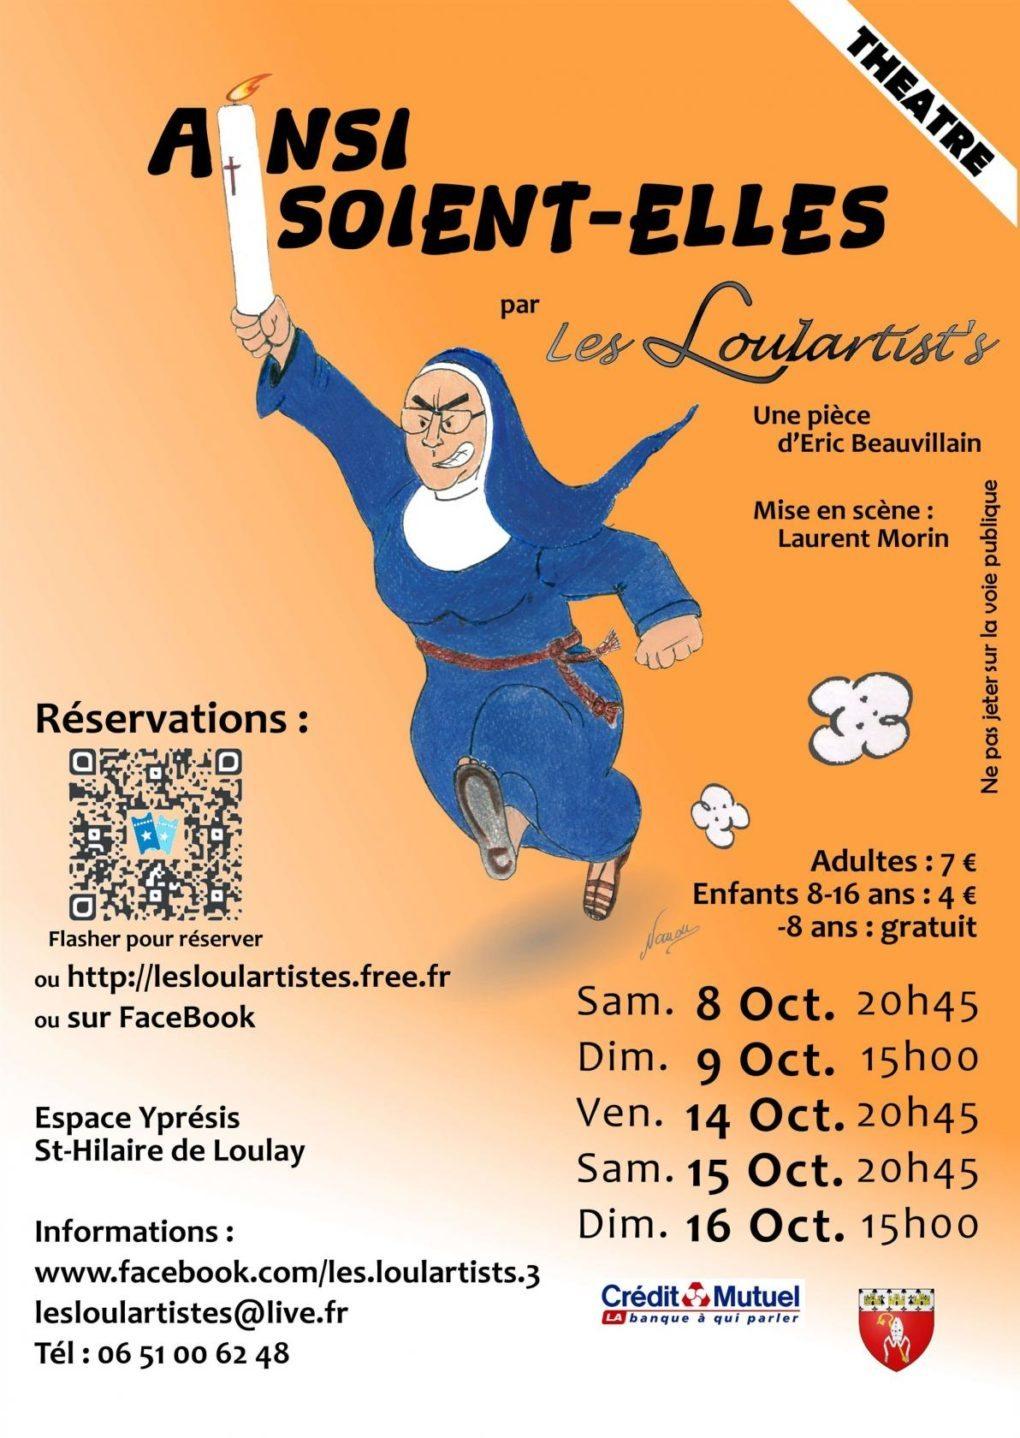 Ainsi-soient-elles Saint-Hilaire-de-Loulay